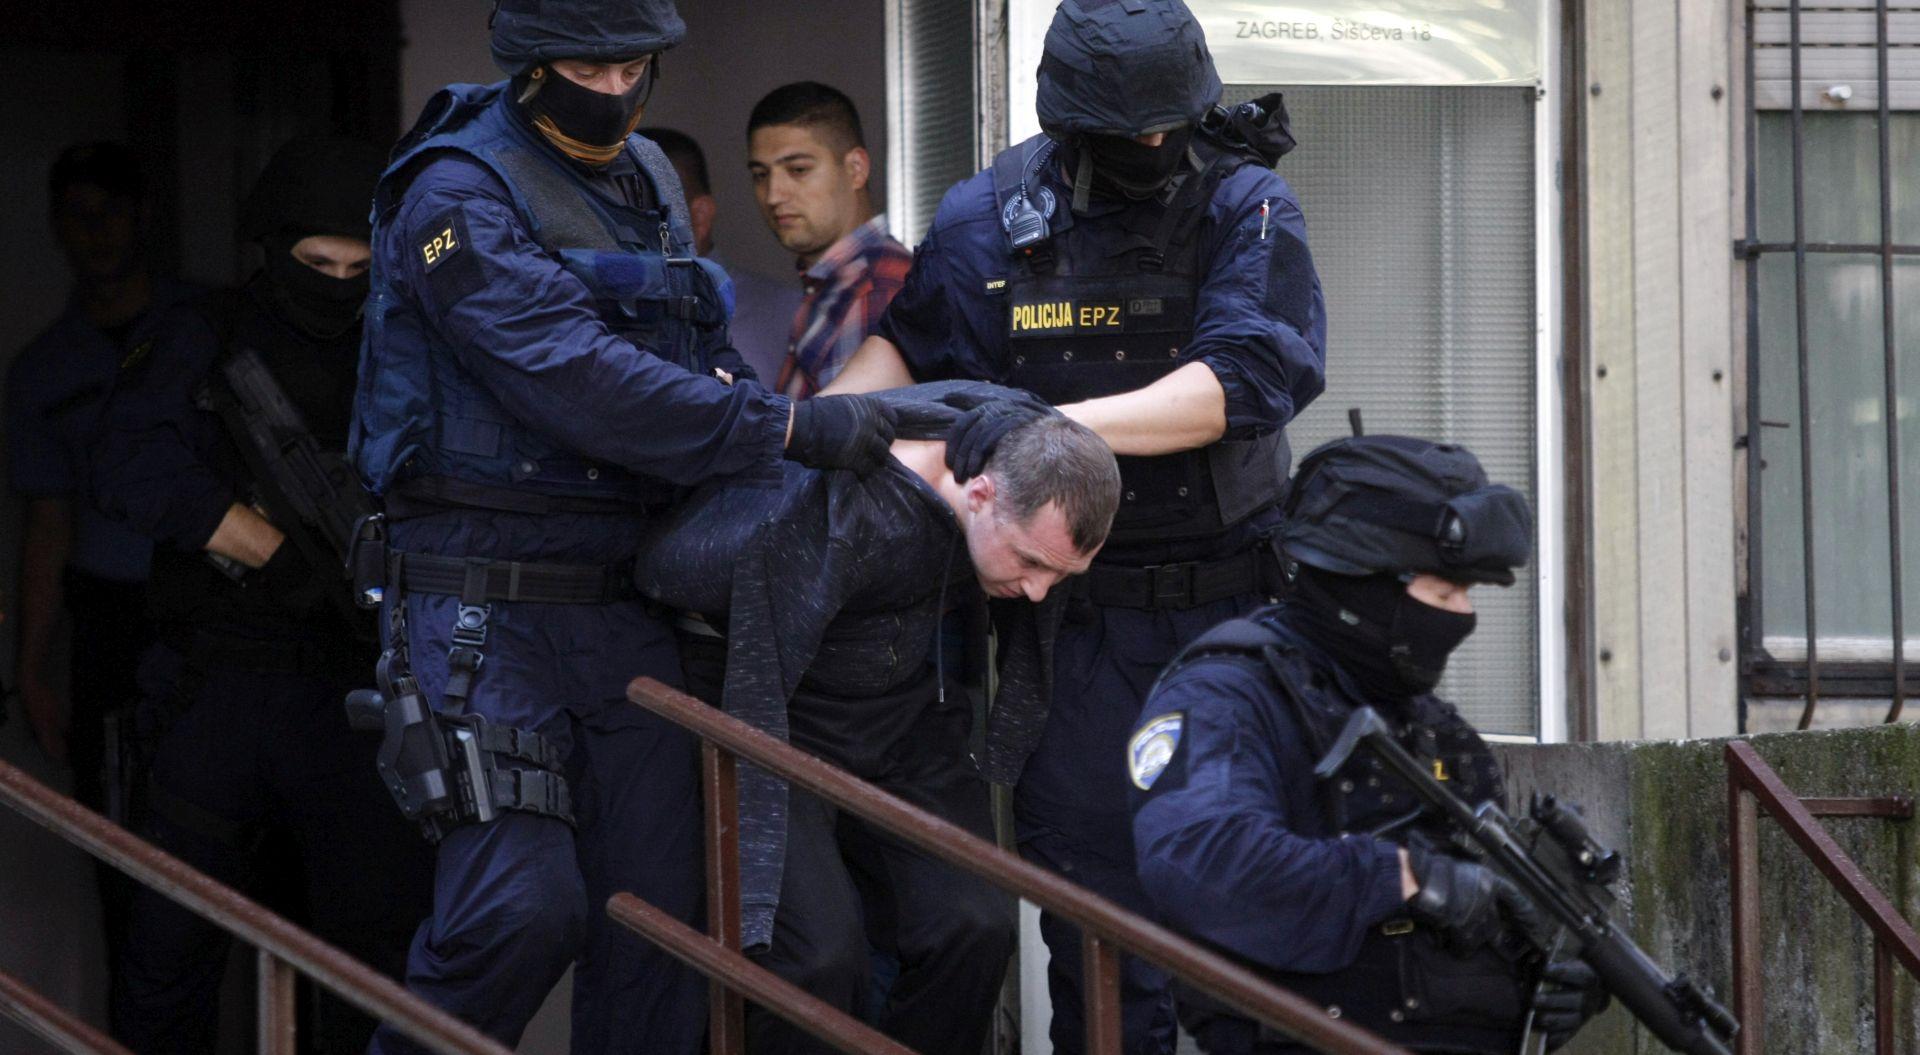 Uhićen muškarac kojeg se sumnjiči da je pucao u Utrinama